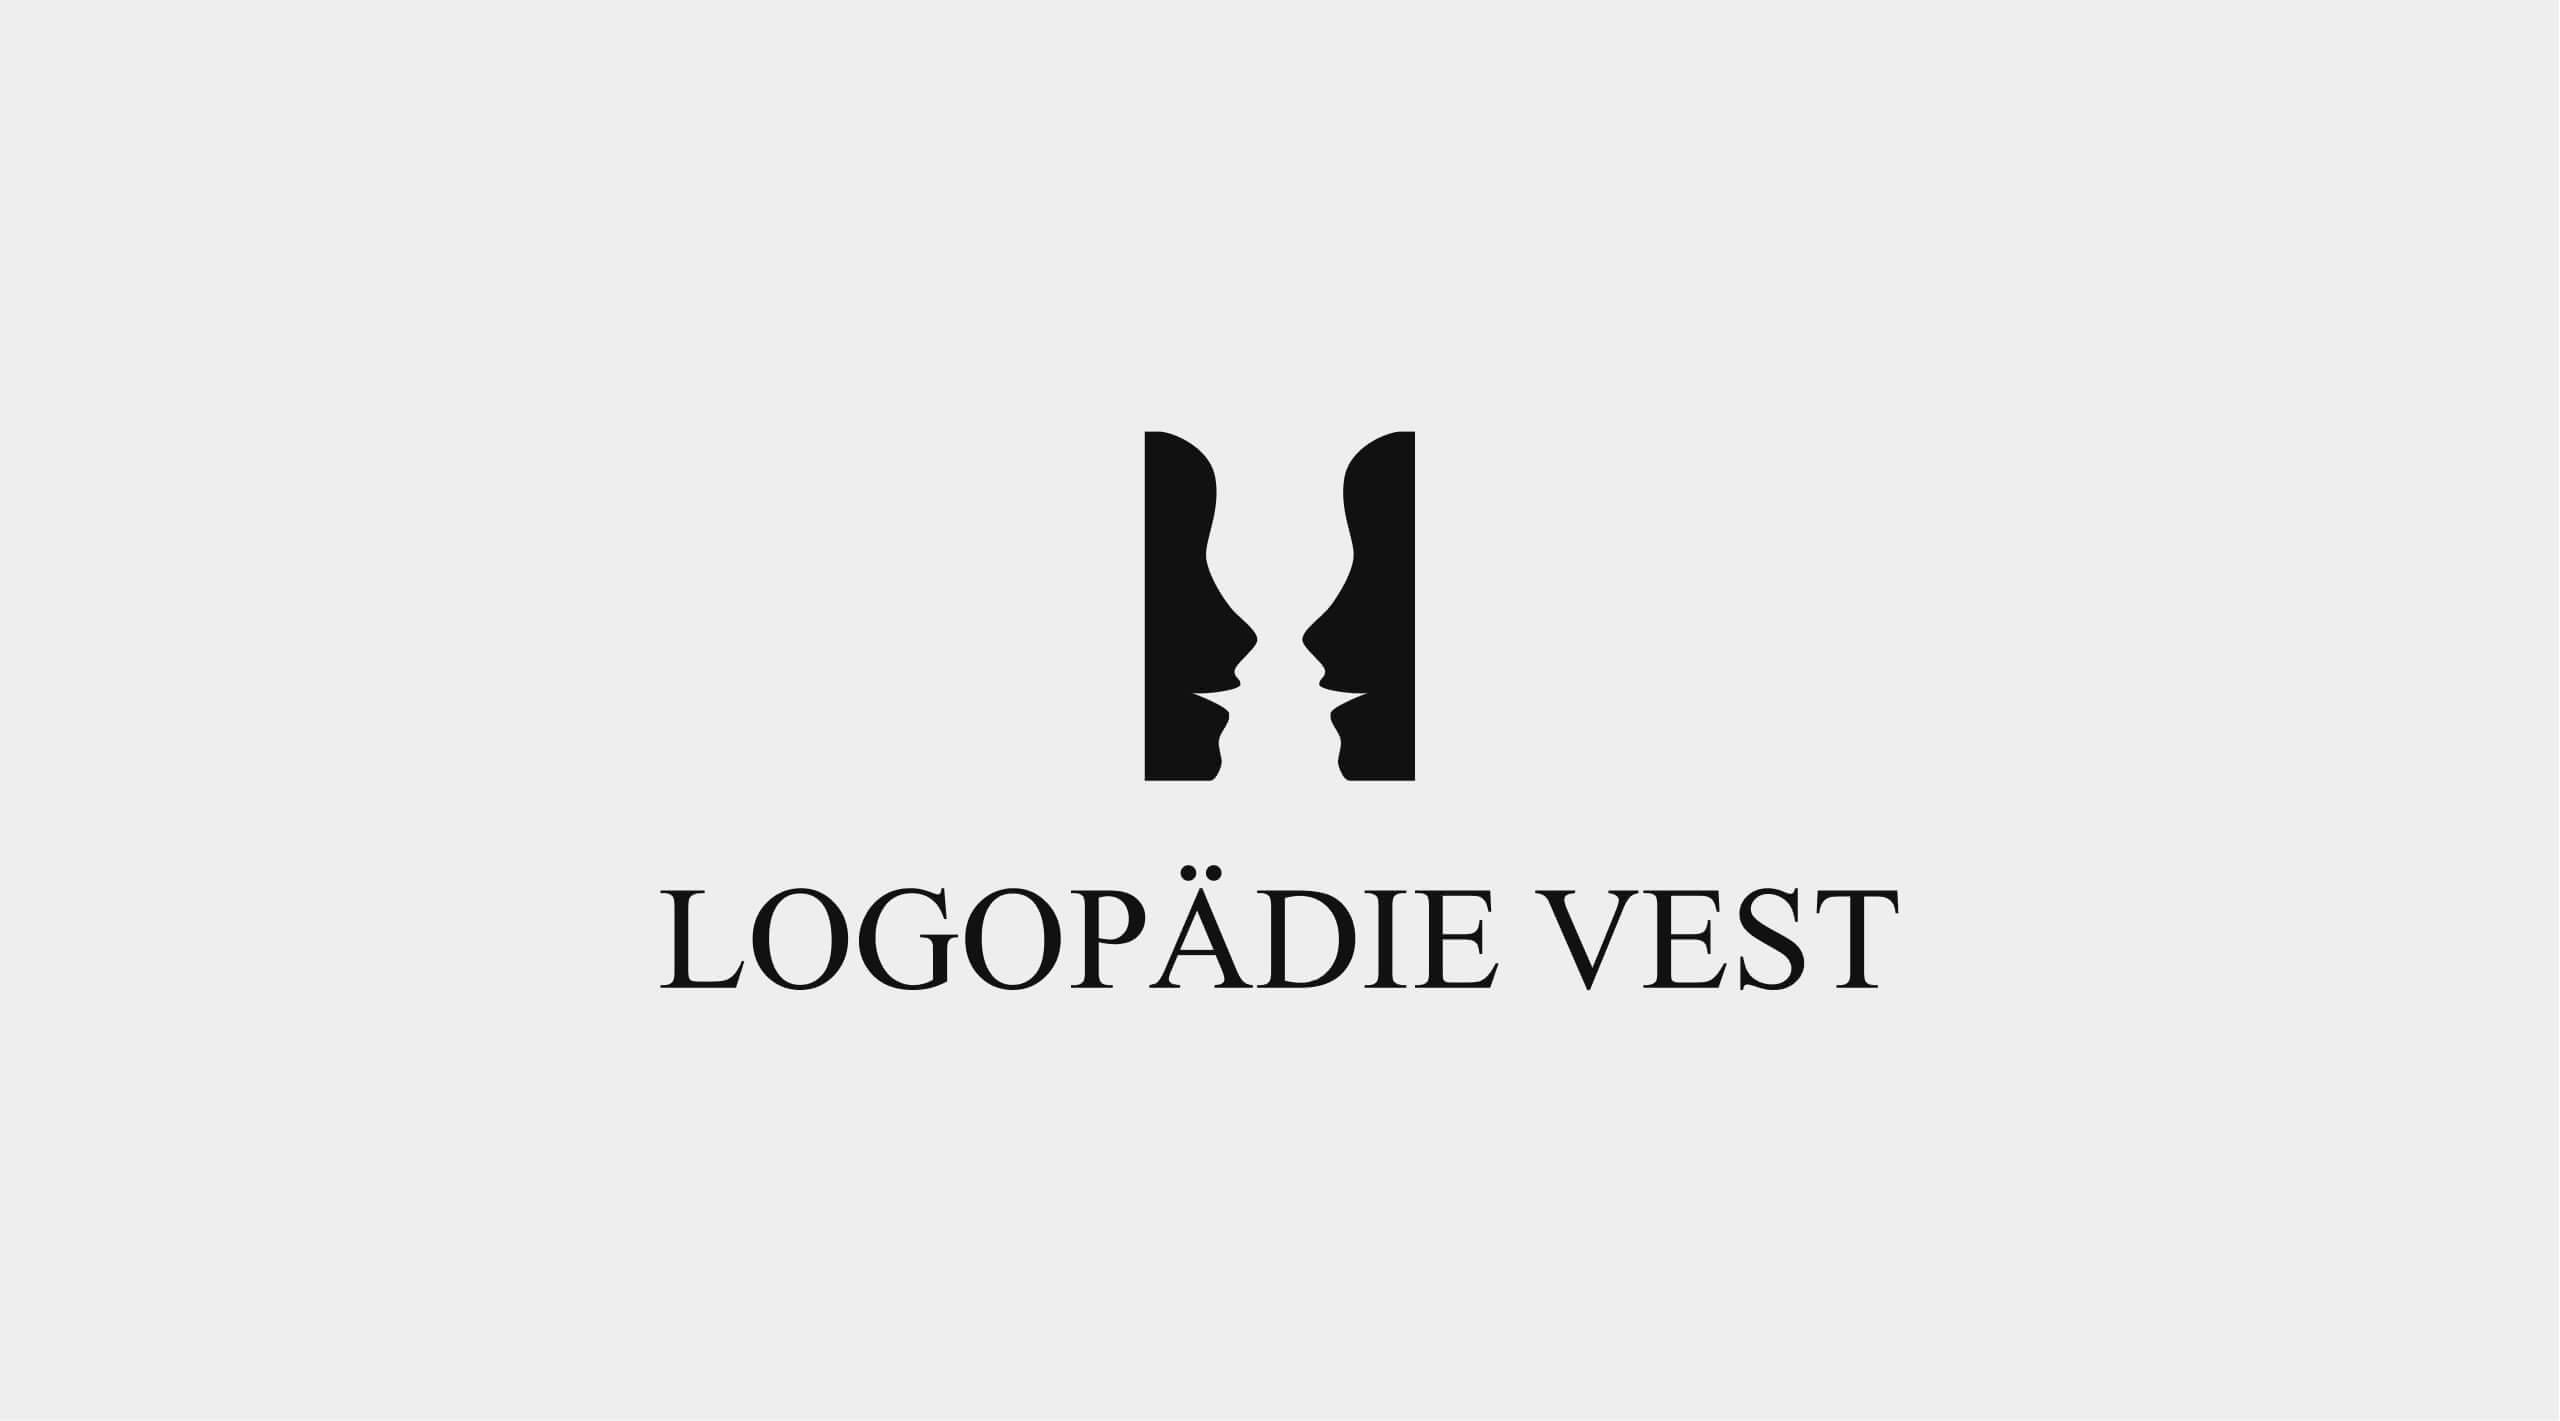 Darstellung des Logopädie Vest Logos.